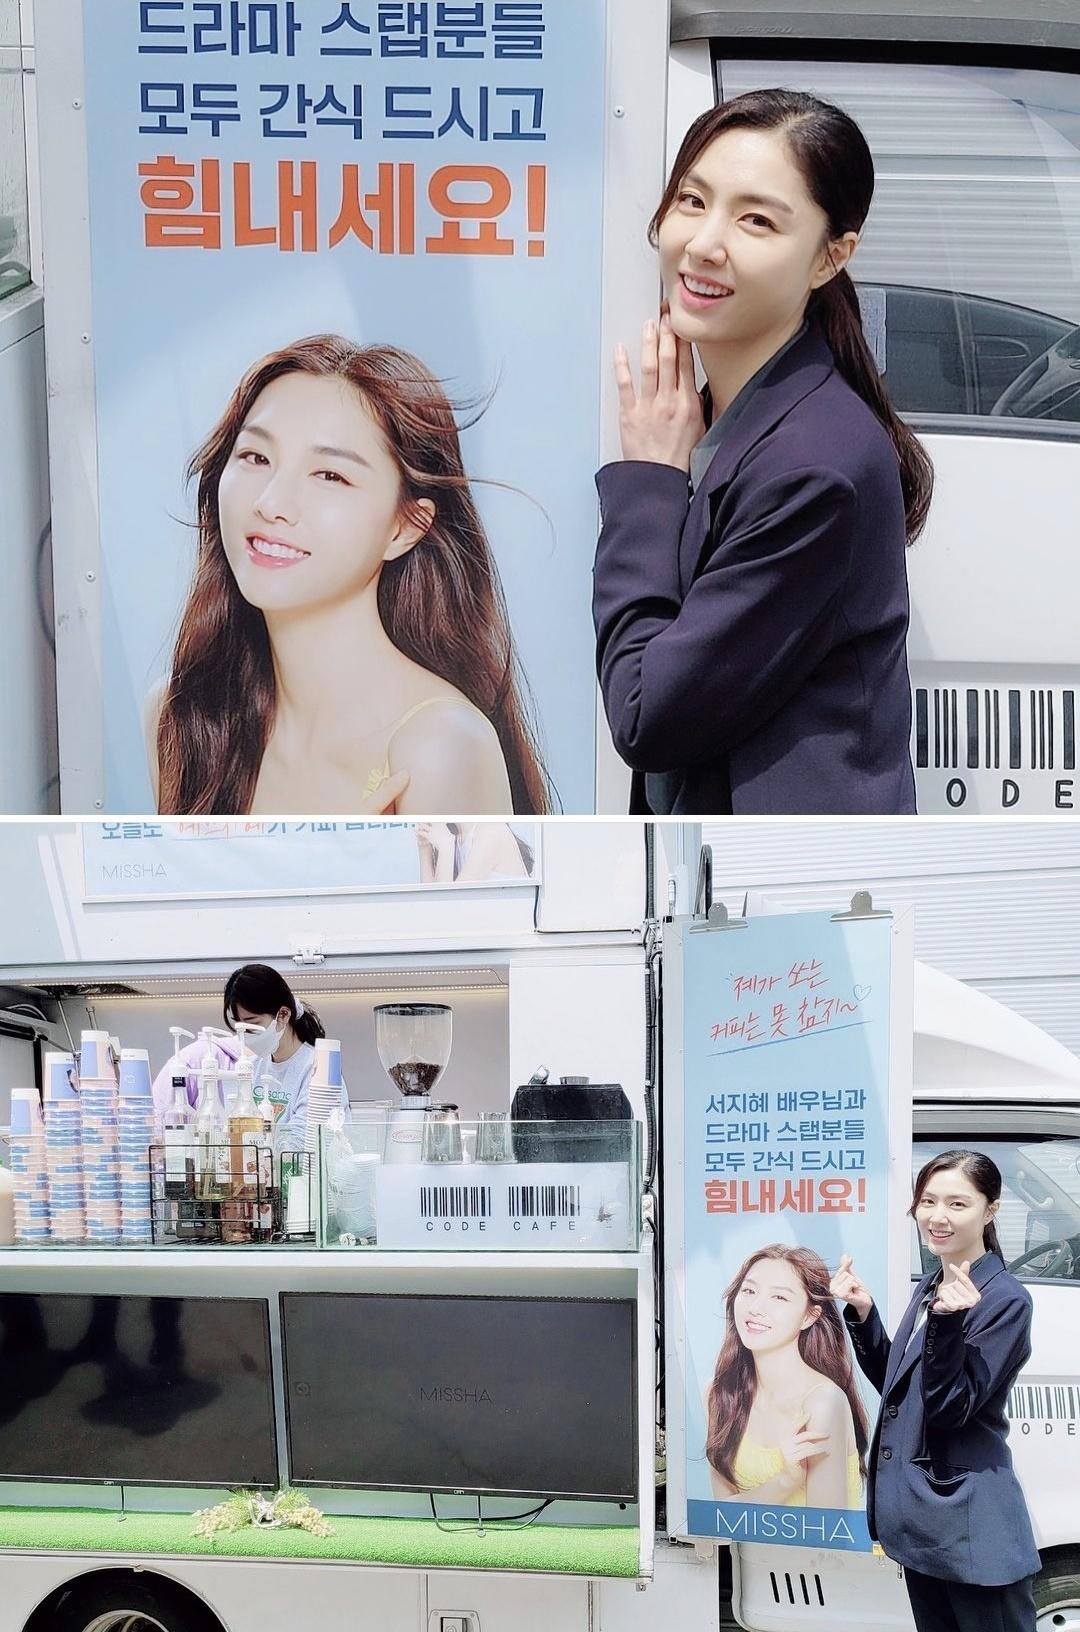 서지혜, 김정현 열애설 후 첫 근황 공개…드라마 촬영中